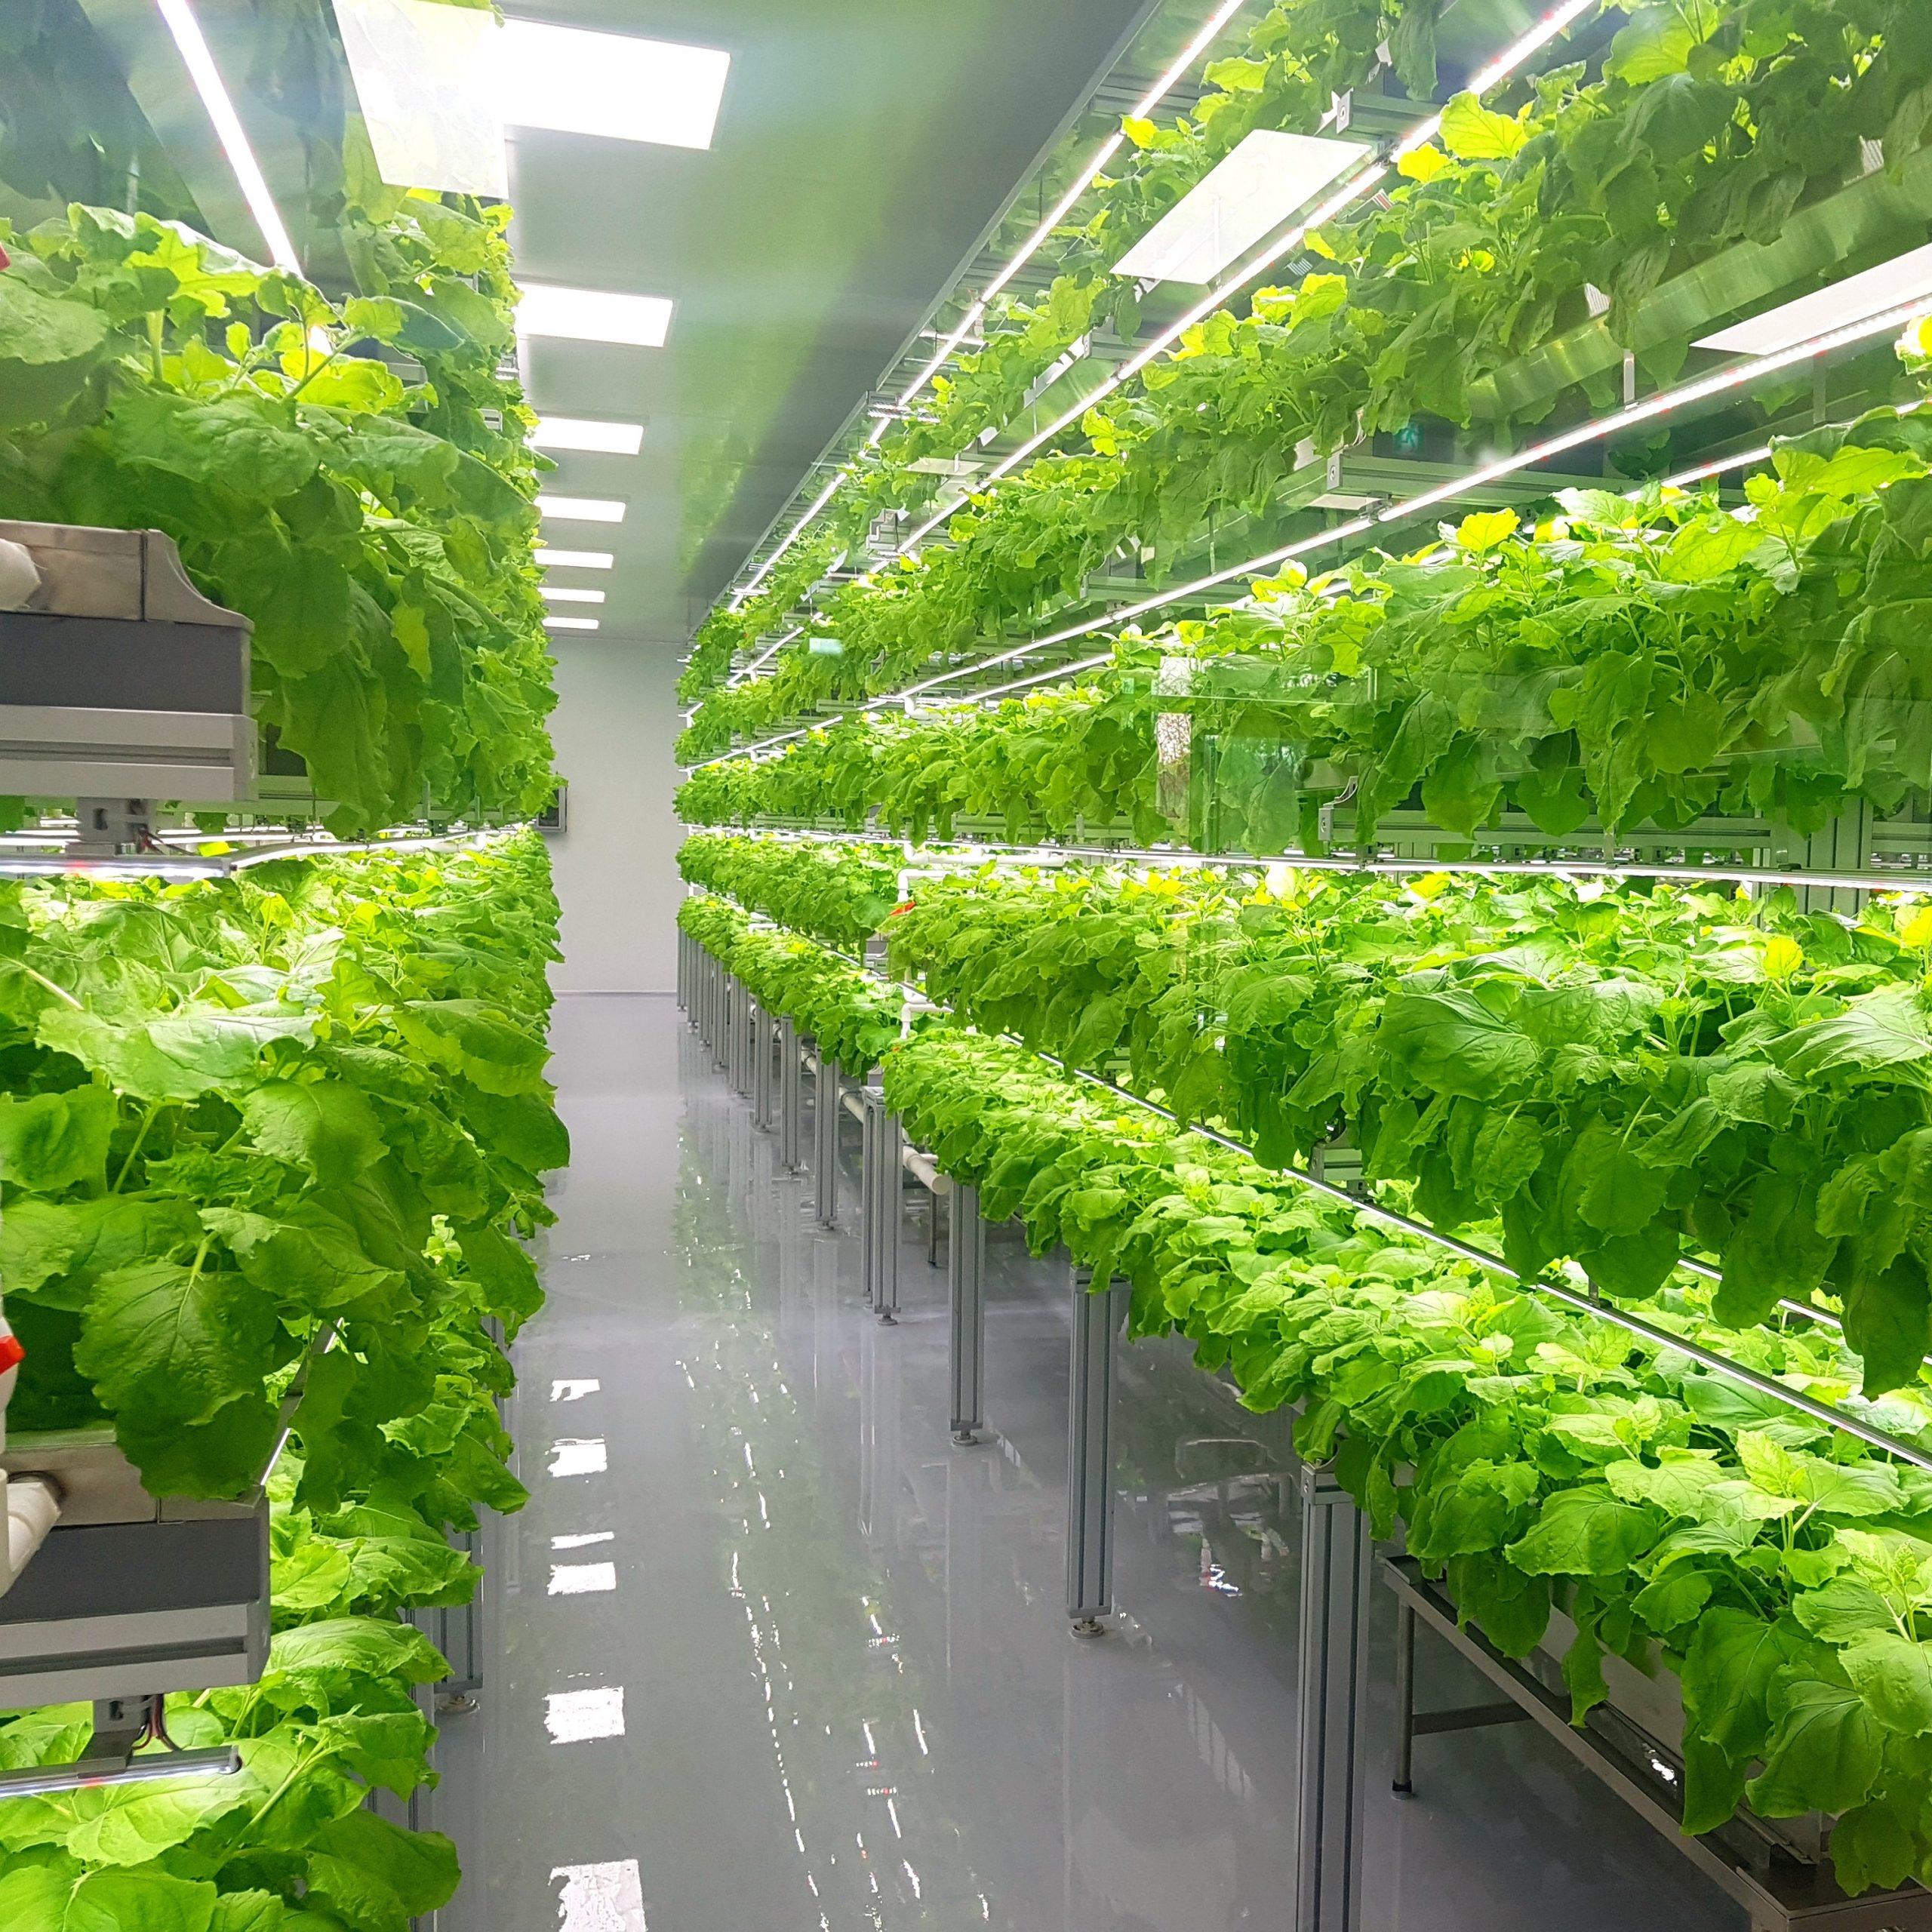 Vegetables Growing in Vertical Farm